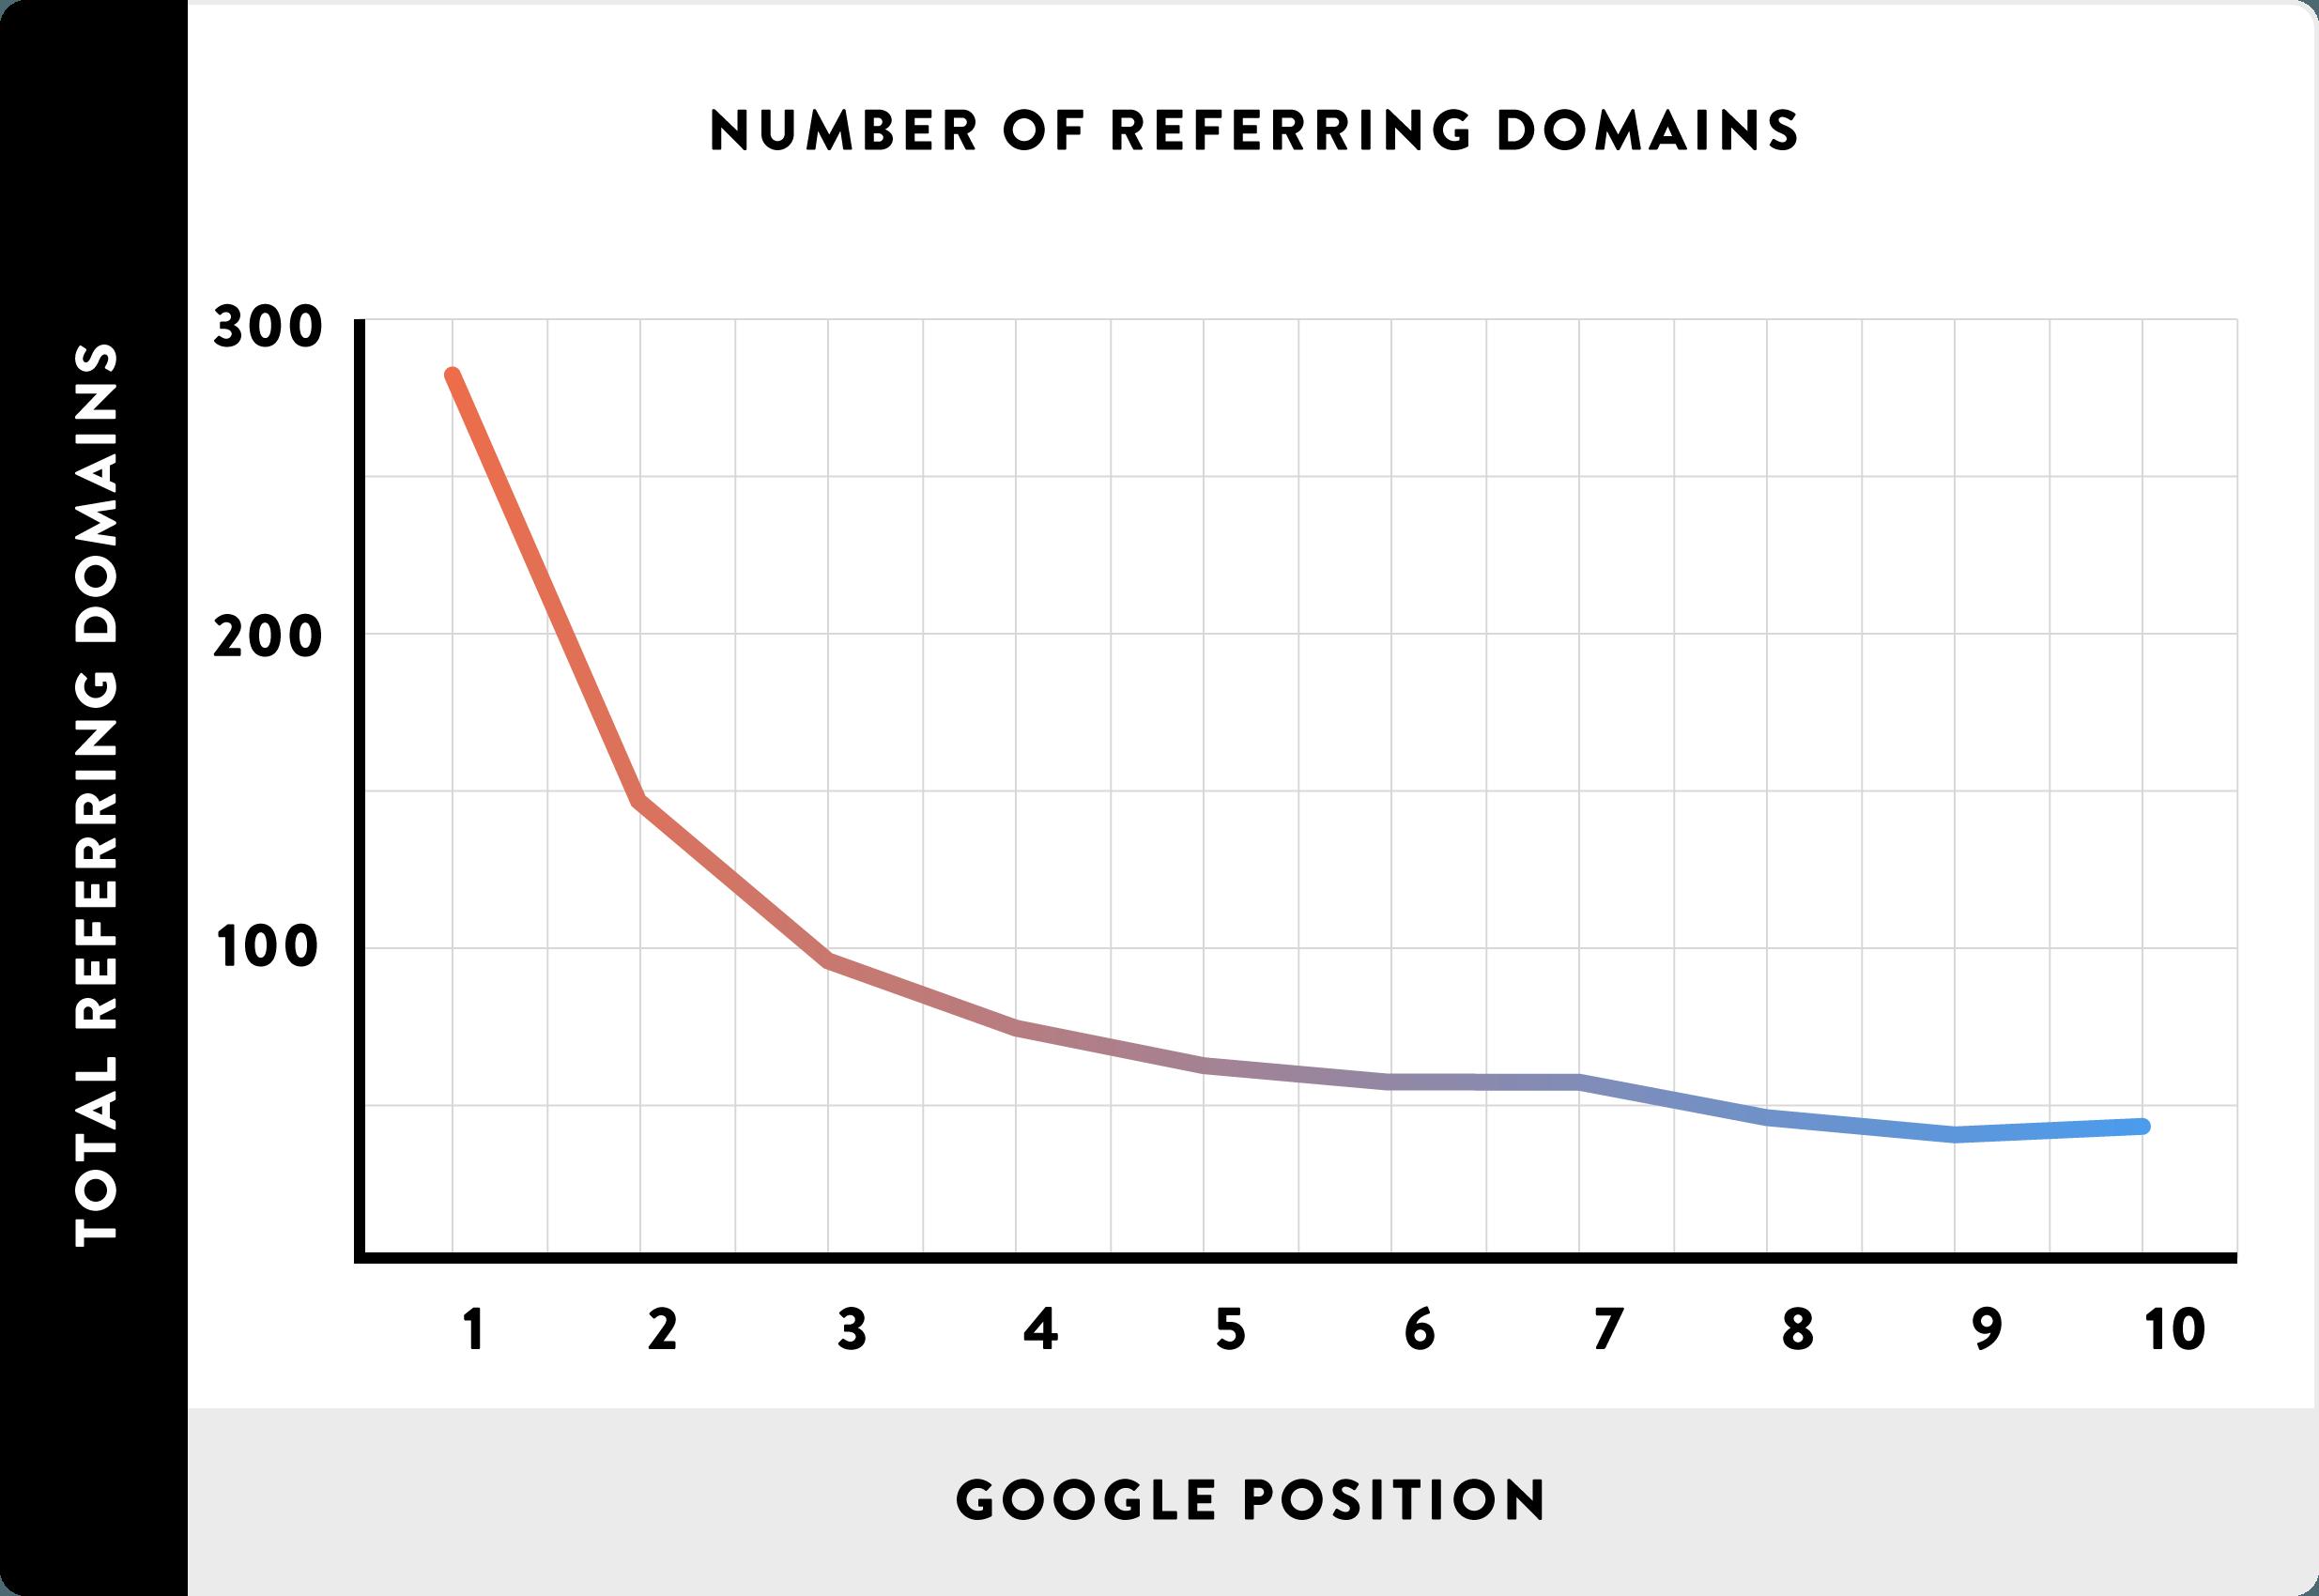 La correlazione tra il numero di domini di riferimento e il ranking di Google